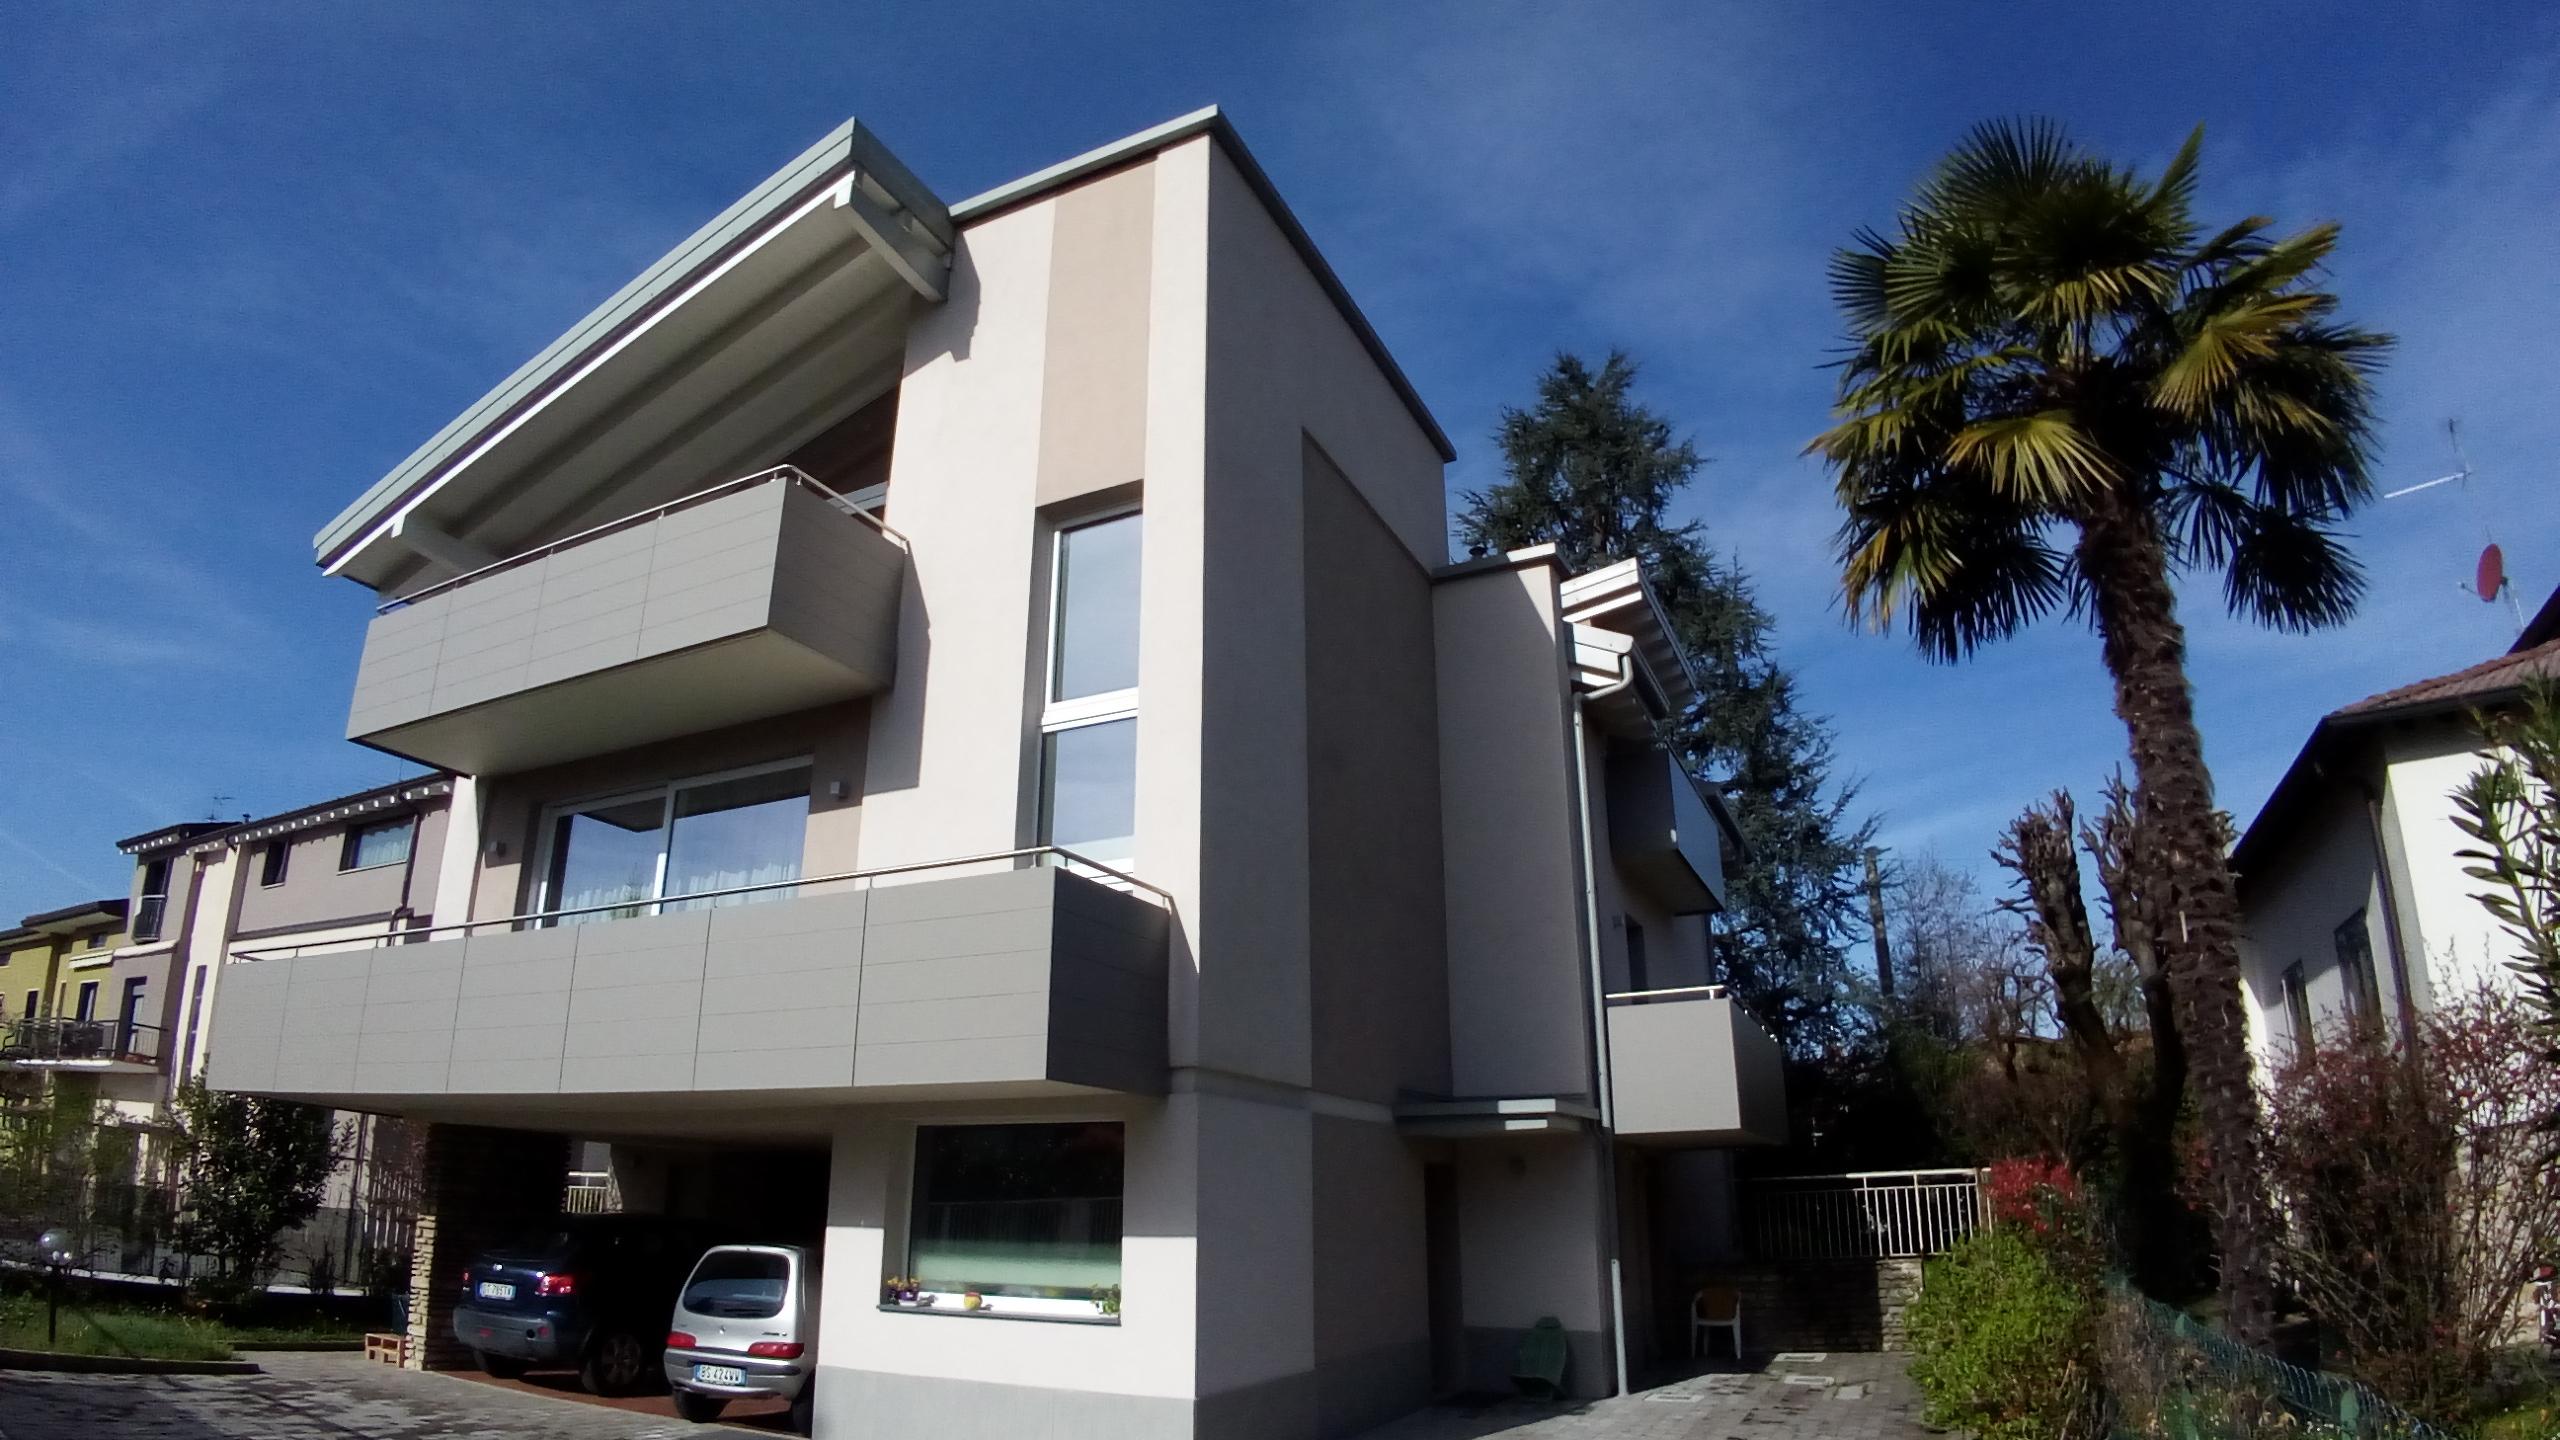 Ristrutturazione integrale di villa anni '60 in Bg